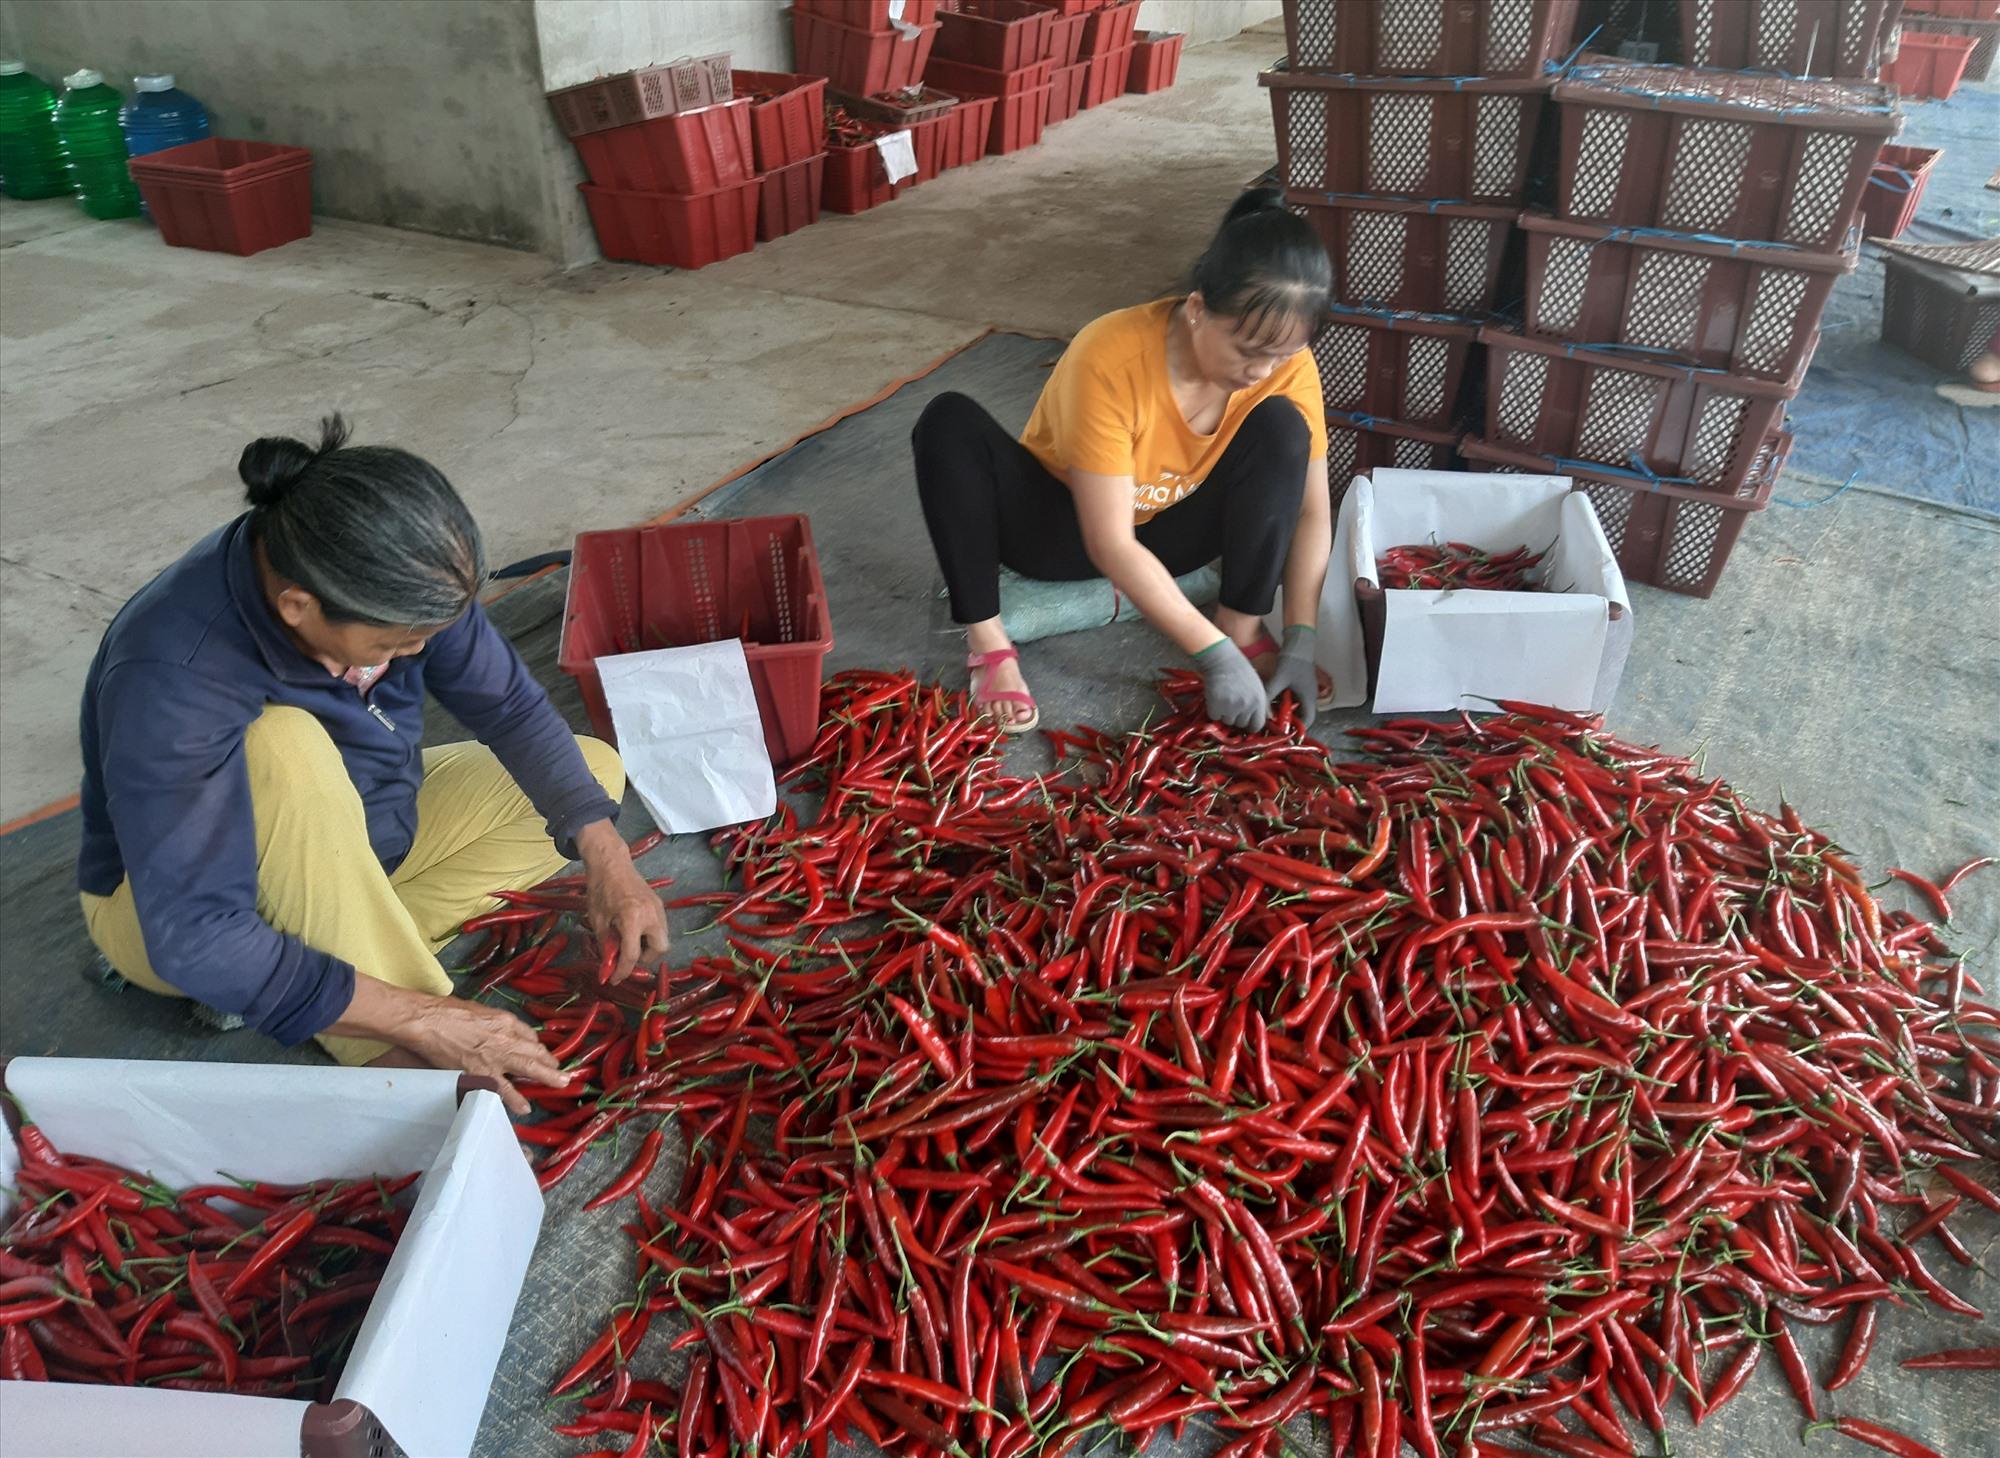 Cần đẩy mạnh việc liên kết sản xuất nông sản theo chuỗi giá trị để tạo đầu ra ổn định và nâng cao hiệu quả kinh tế. Ảnh: VĂN SỰ